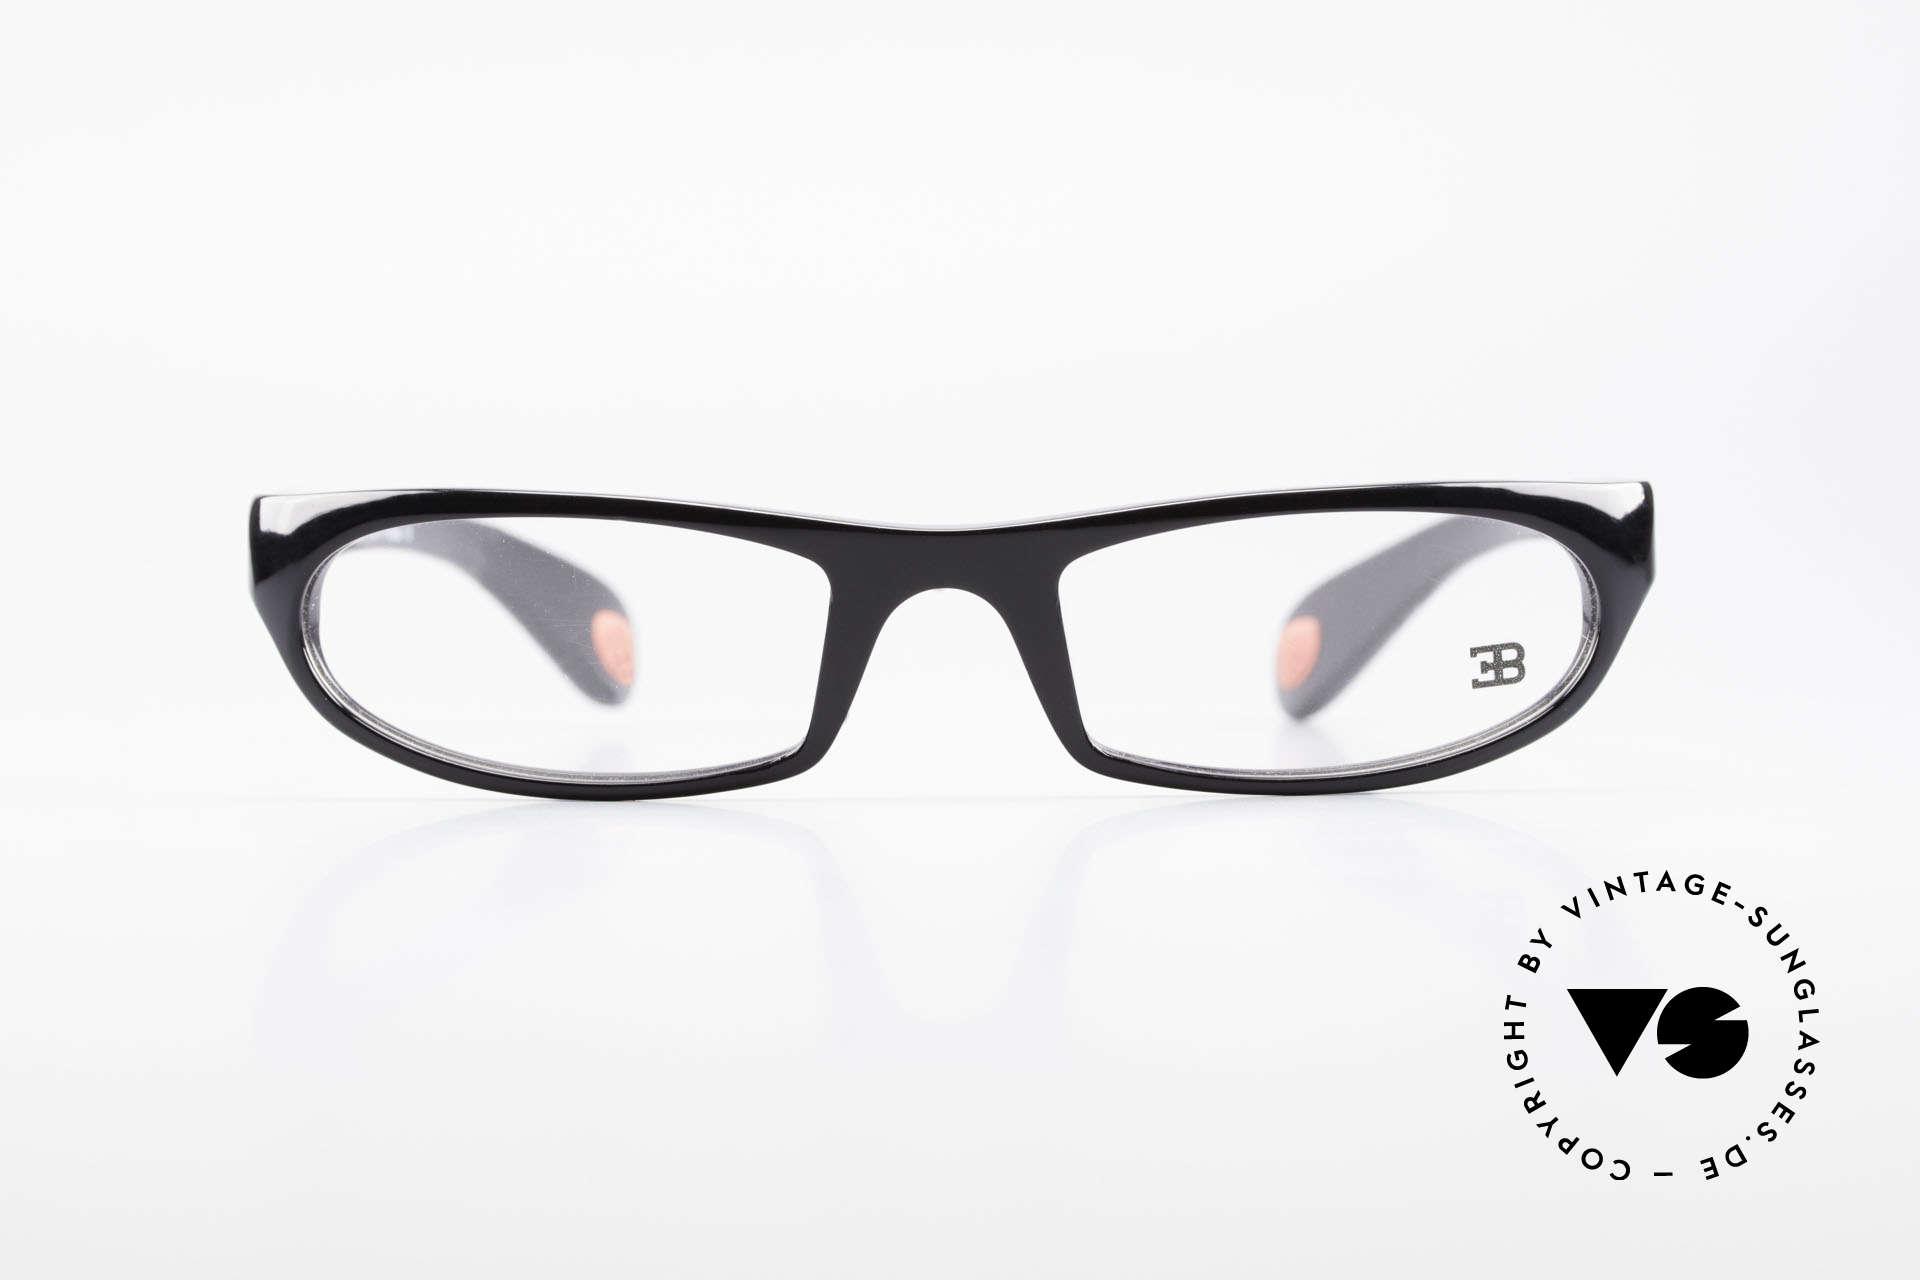 Bugatti 325 Odotype Rare Men's Designer Glasses, distinctive design of the ODOTYPE SERIES, Made for Men